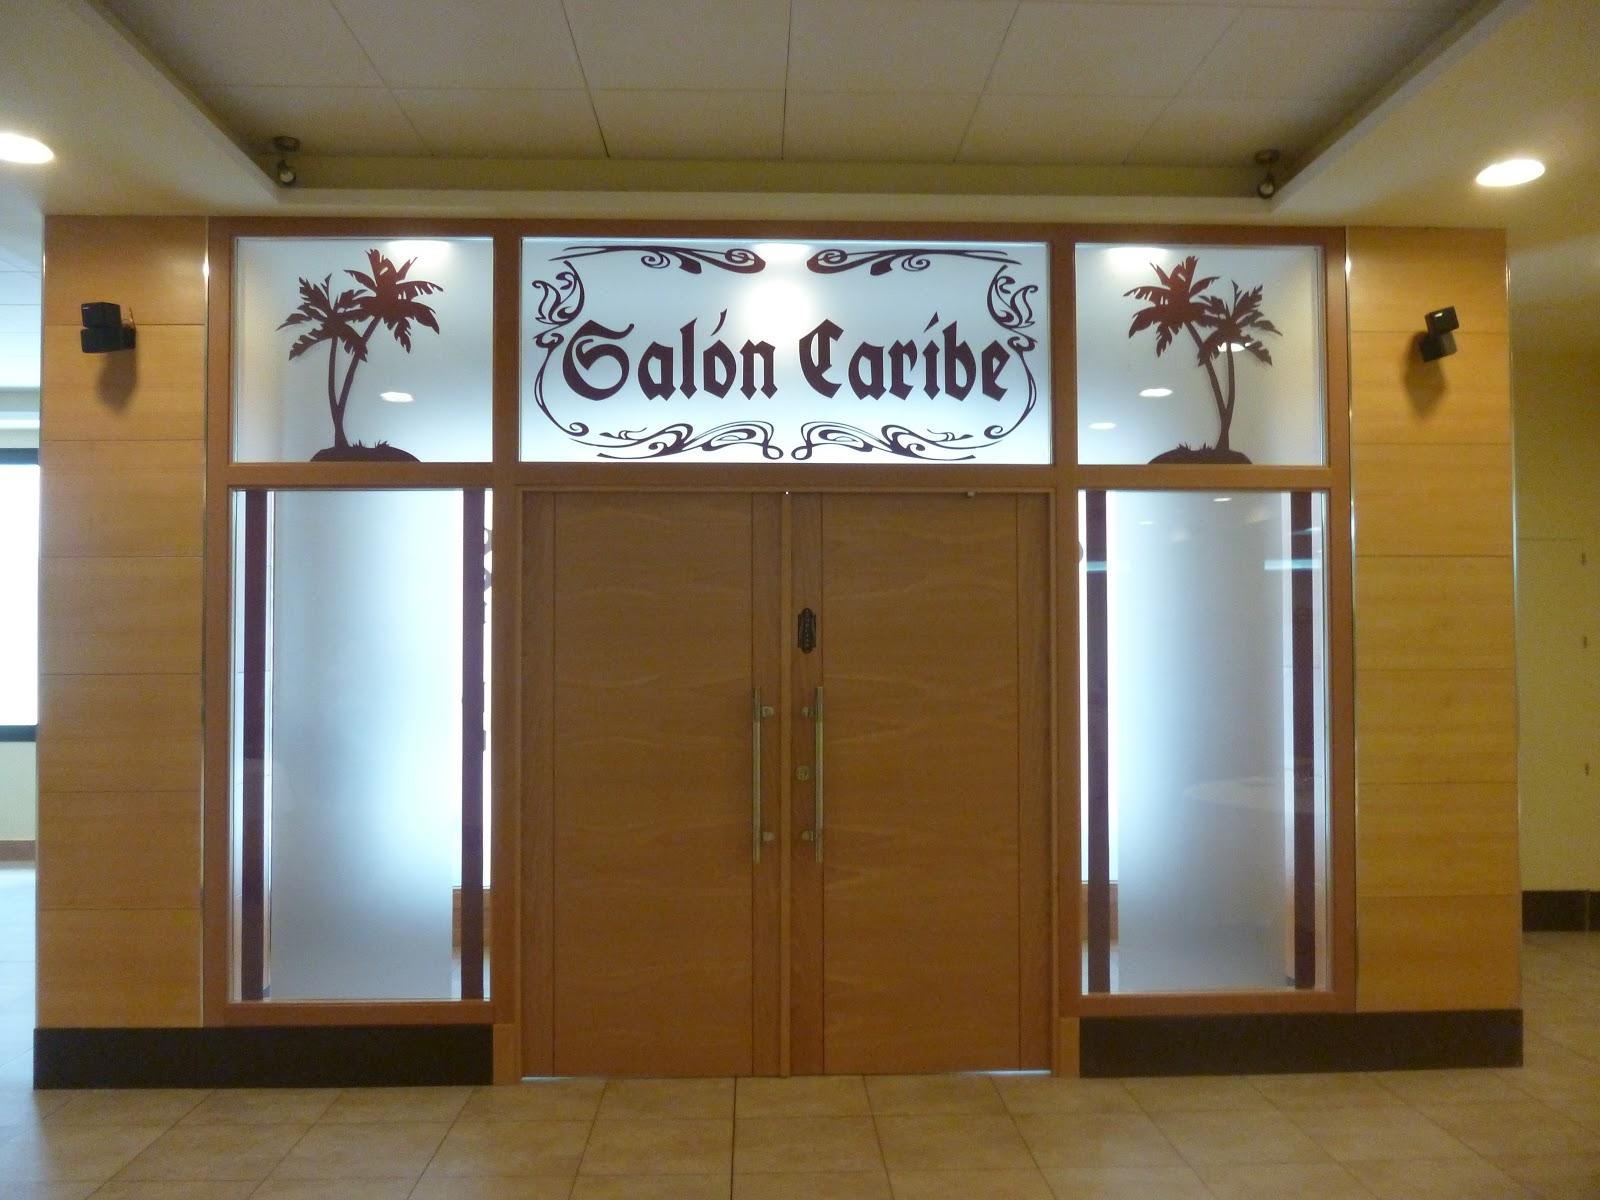 Salon Caribe